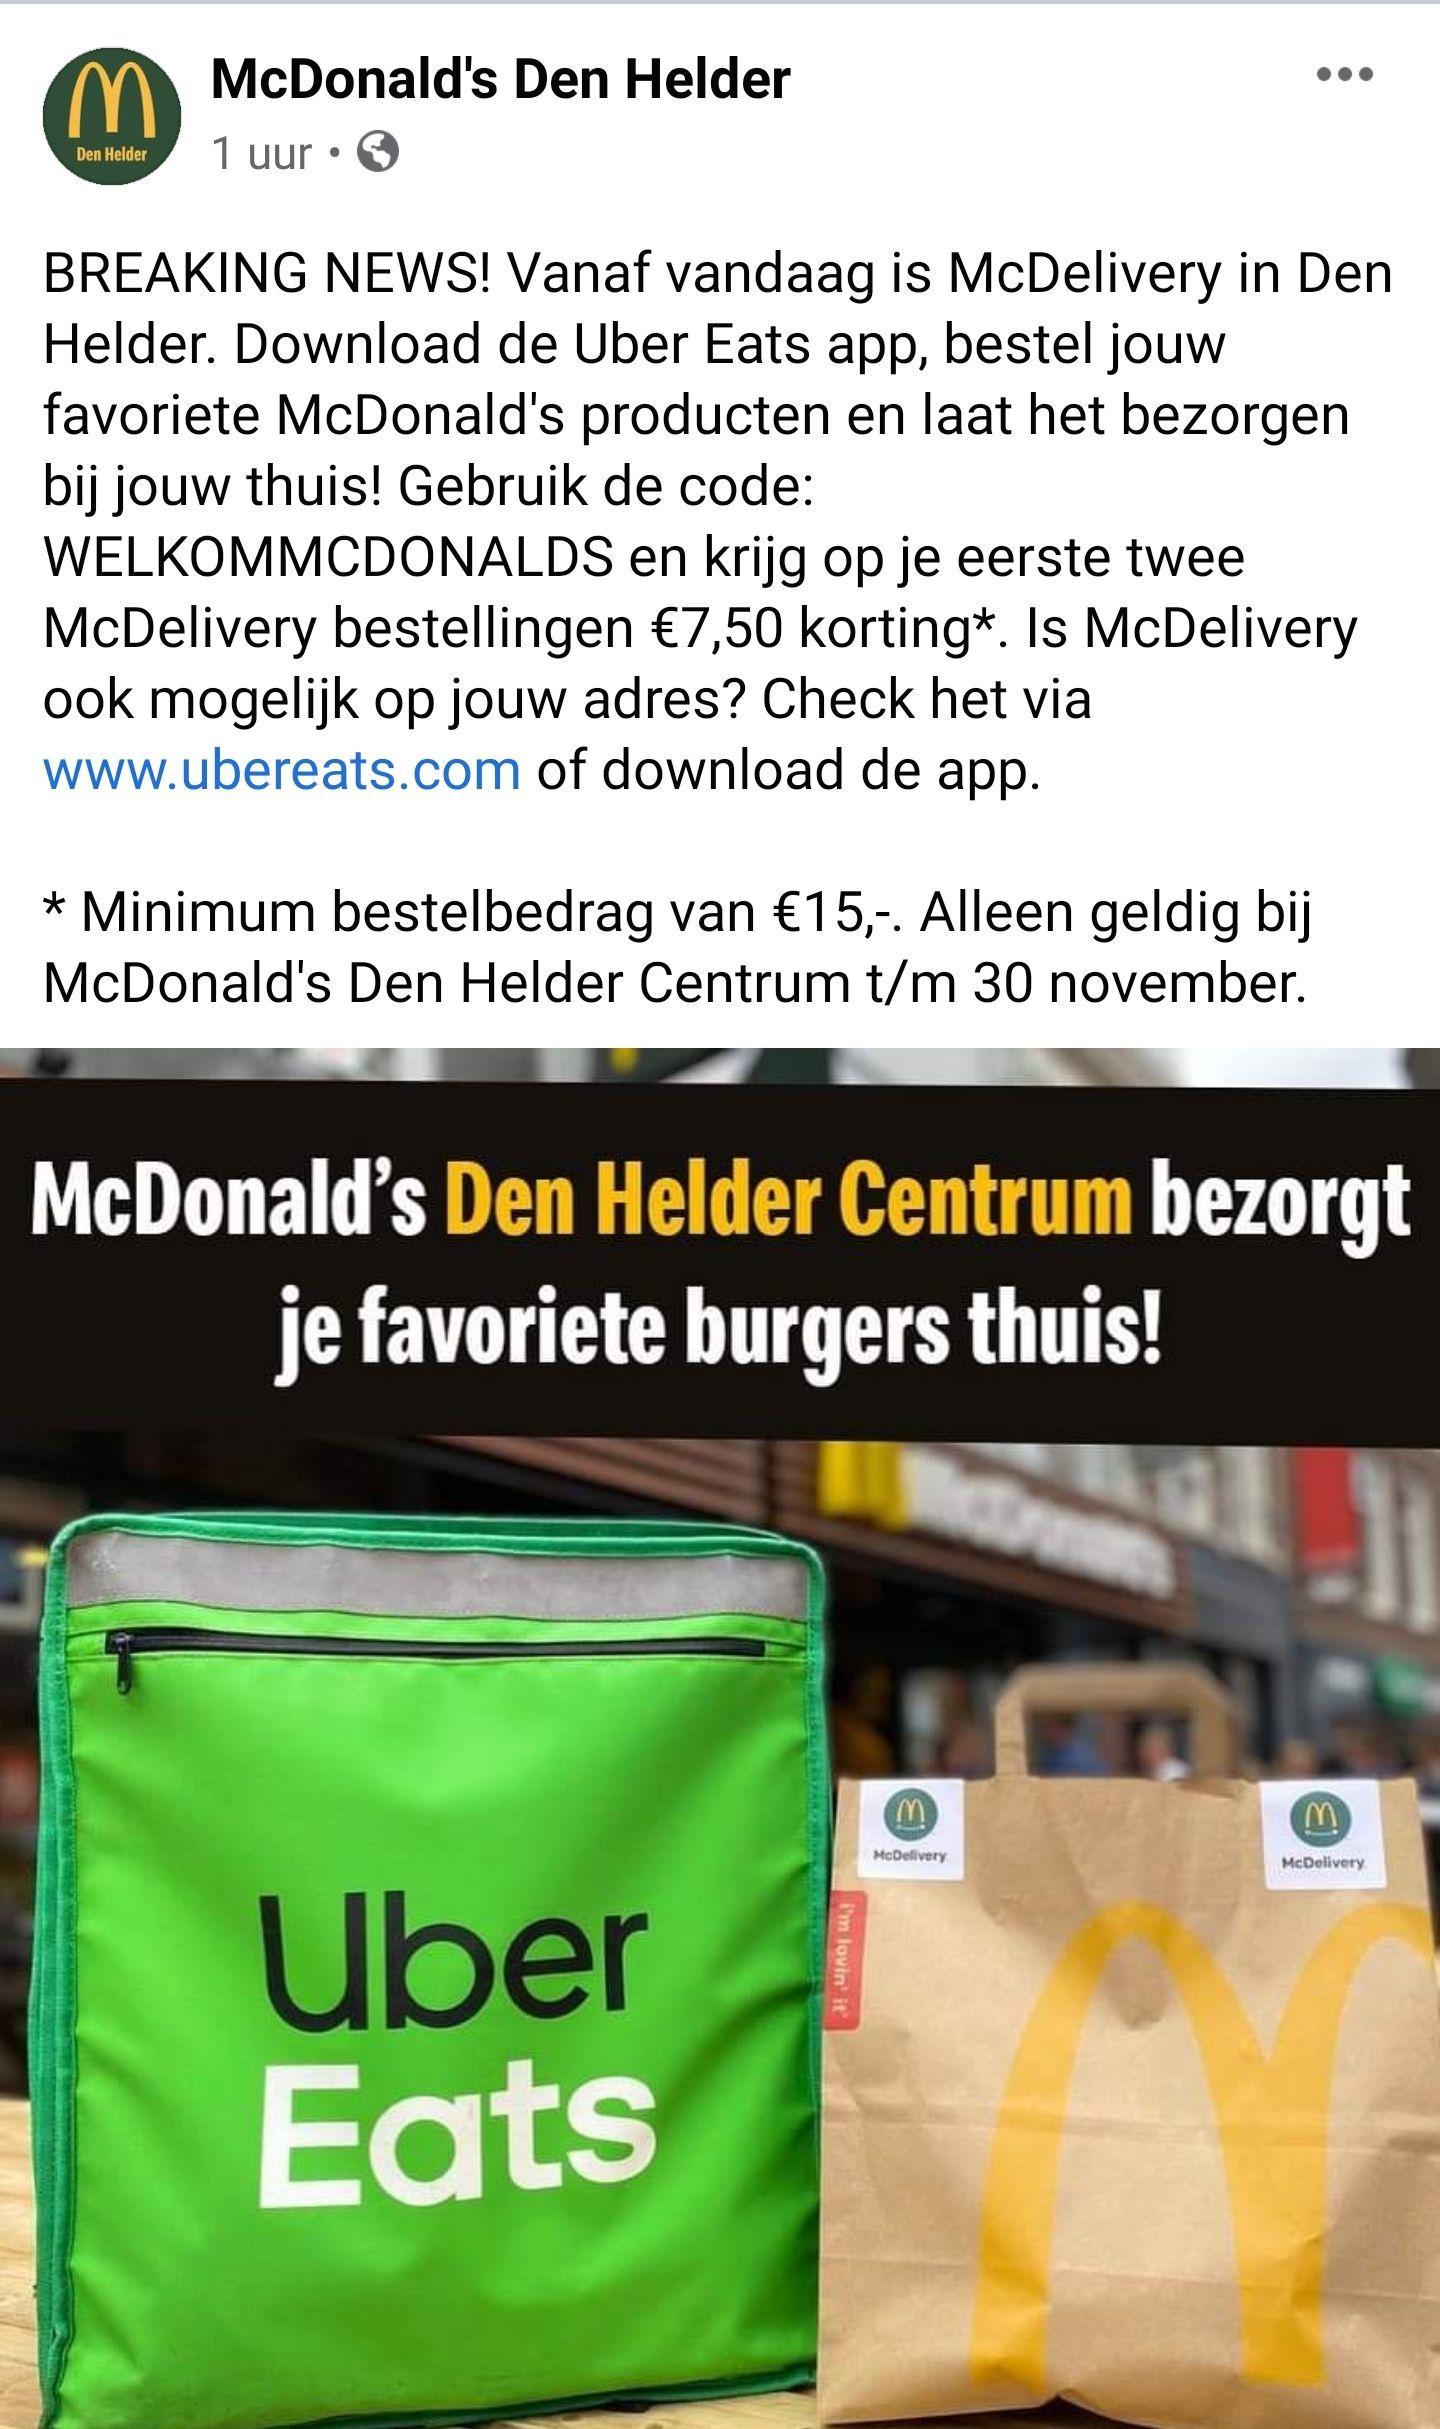 (lokaal) €7,50 korting bij bezorging McDonald's Den Helder Centrum via UberEats